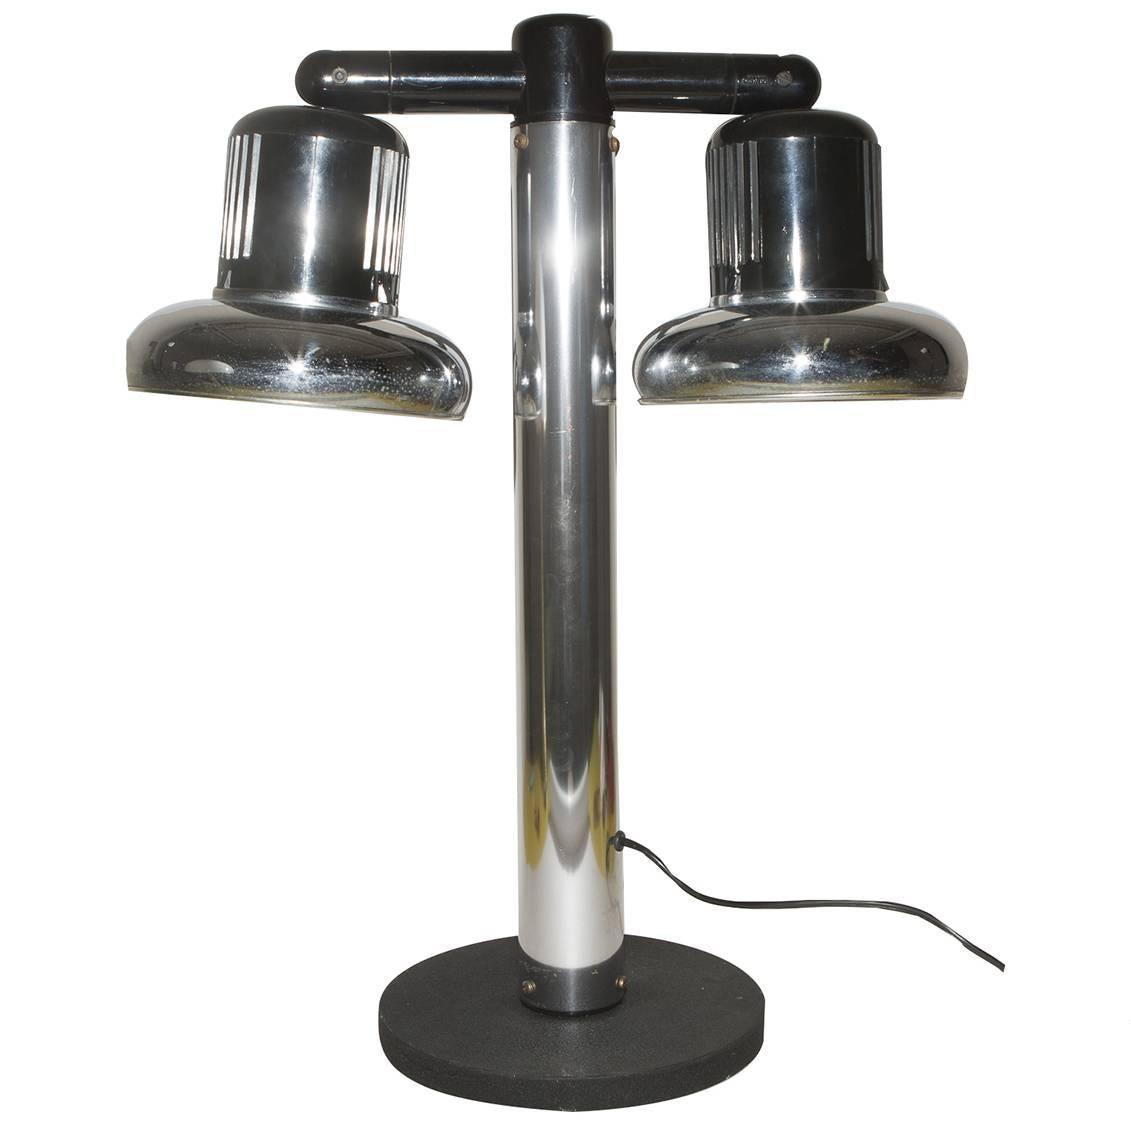 Table Lamp, Gae Aulenti, Livio Castiglioni, Stilnovo, 1970s, Italy